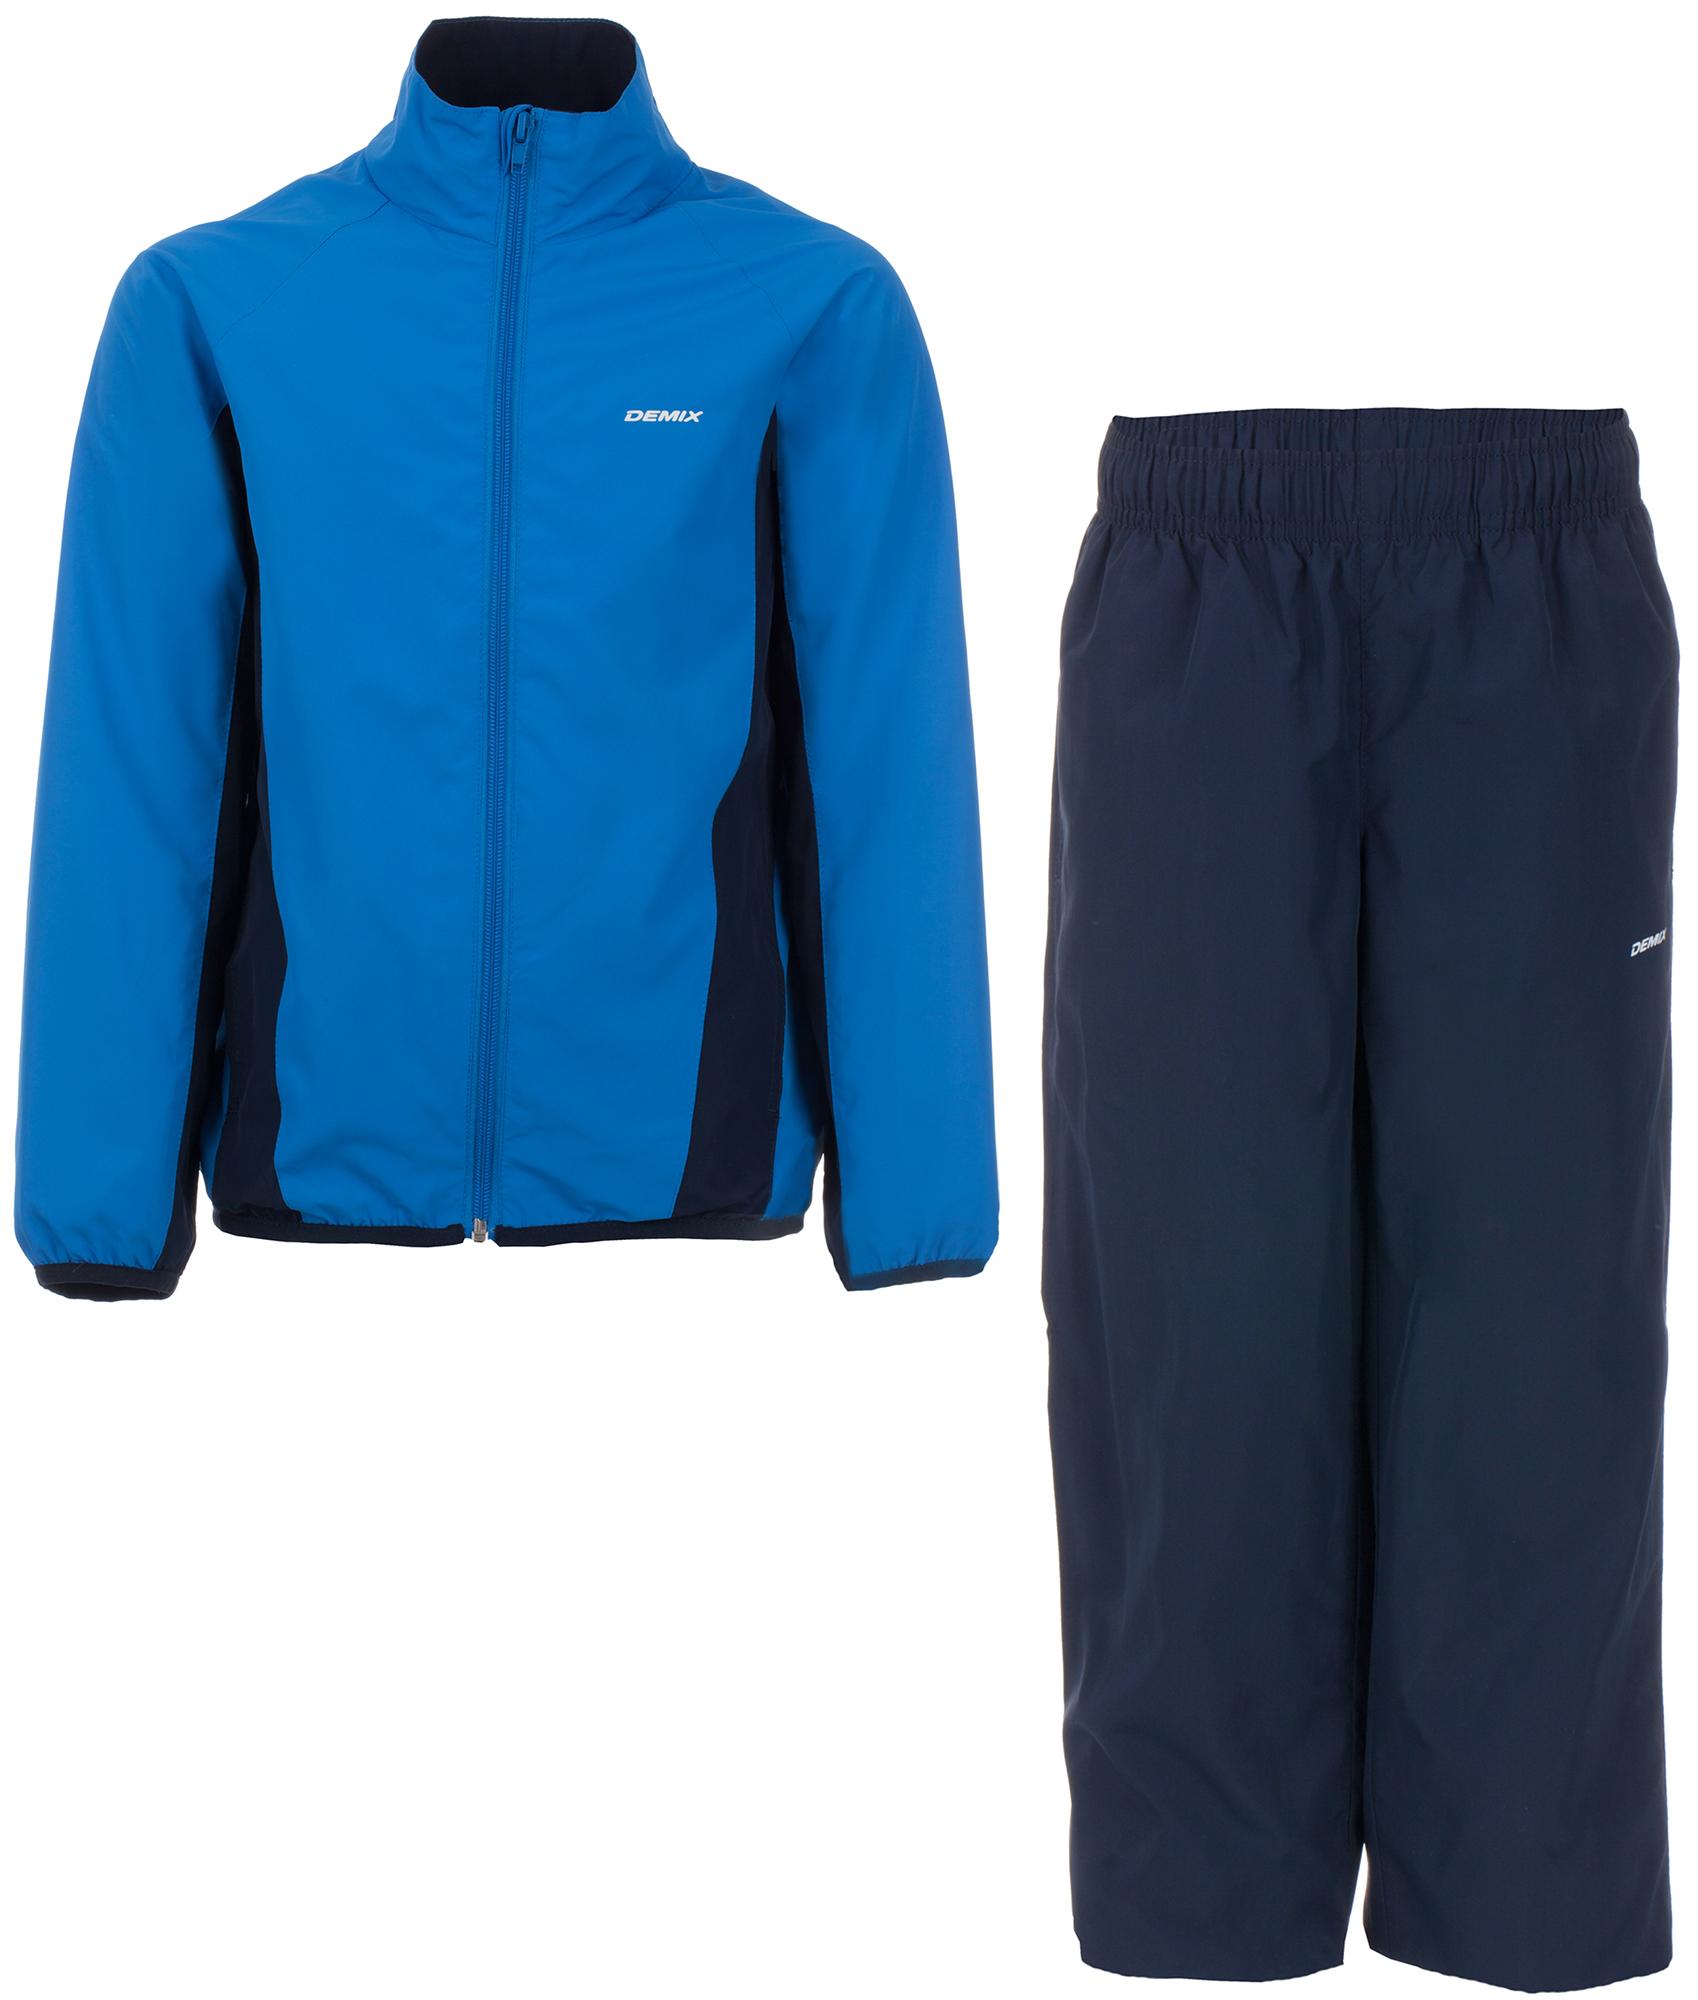 цена на Demix Детский спортивный костюм Demix, размер 134